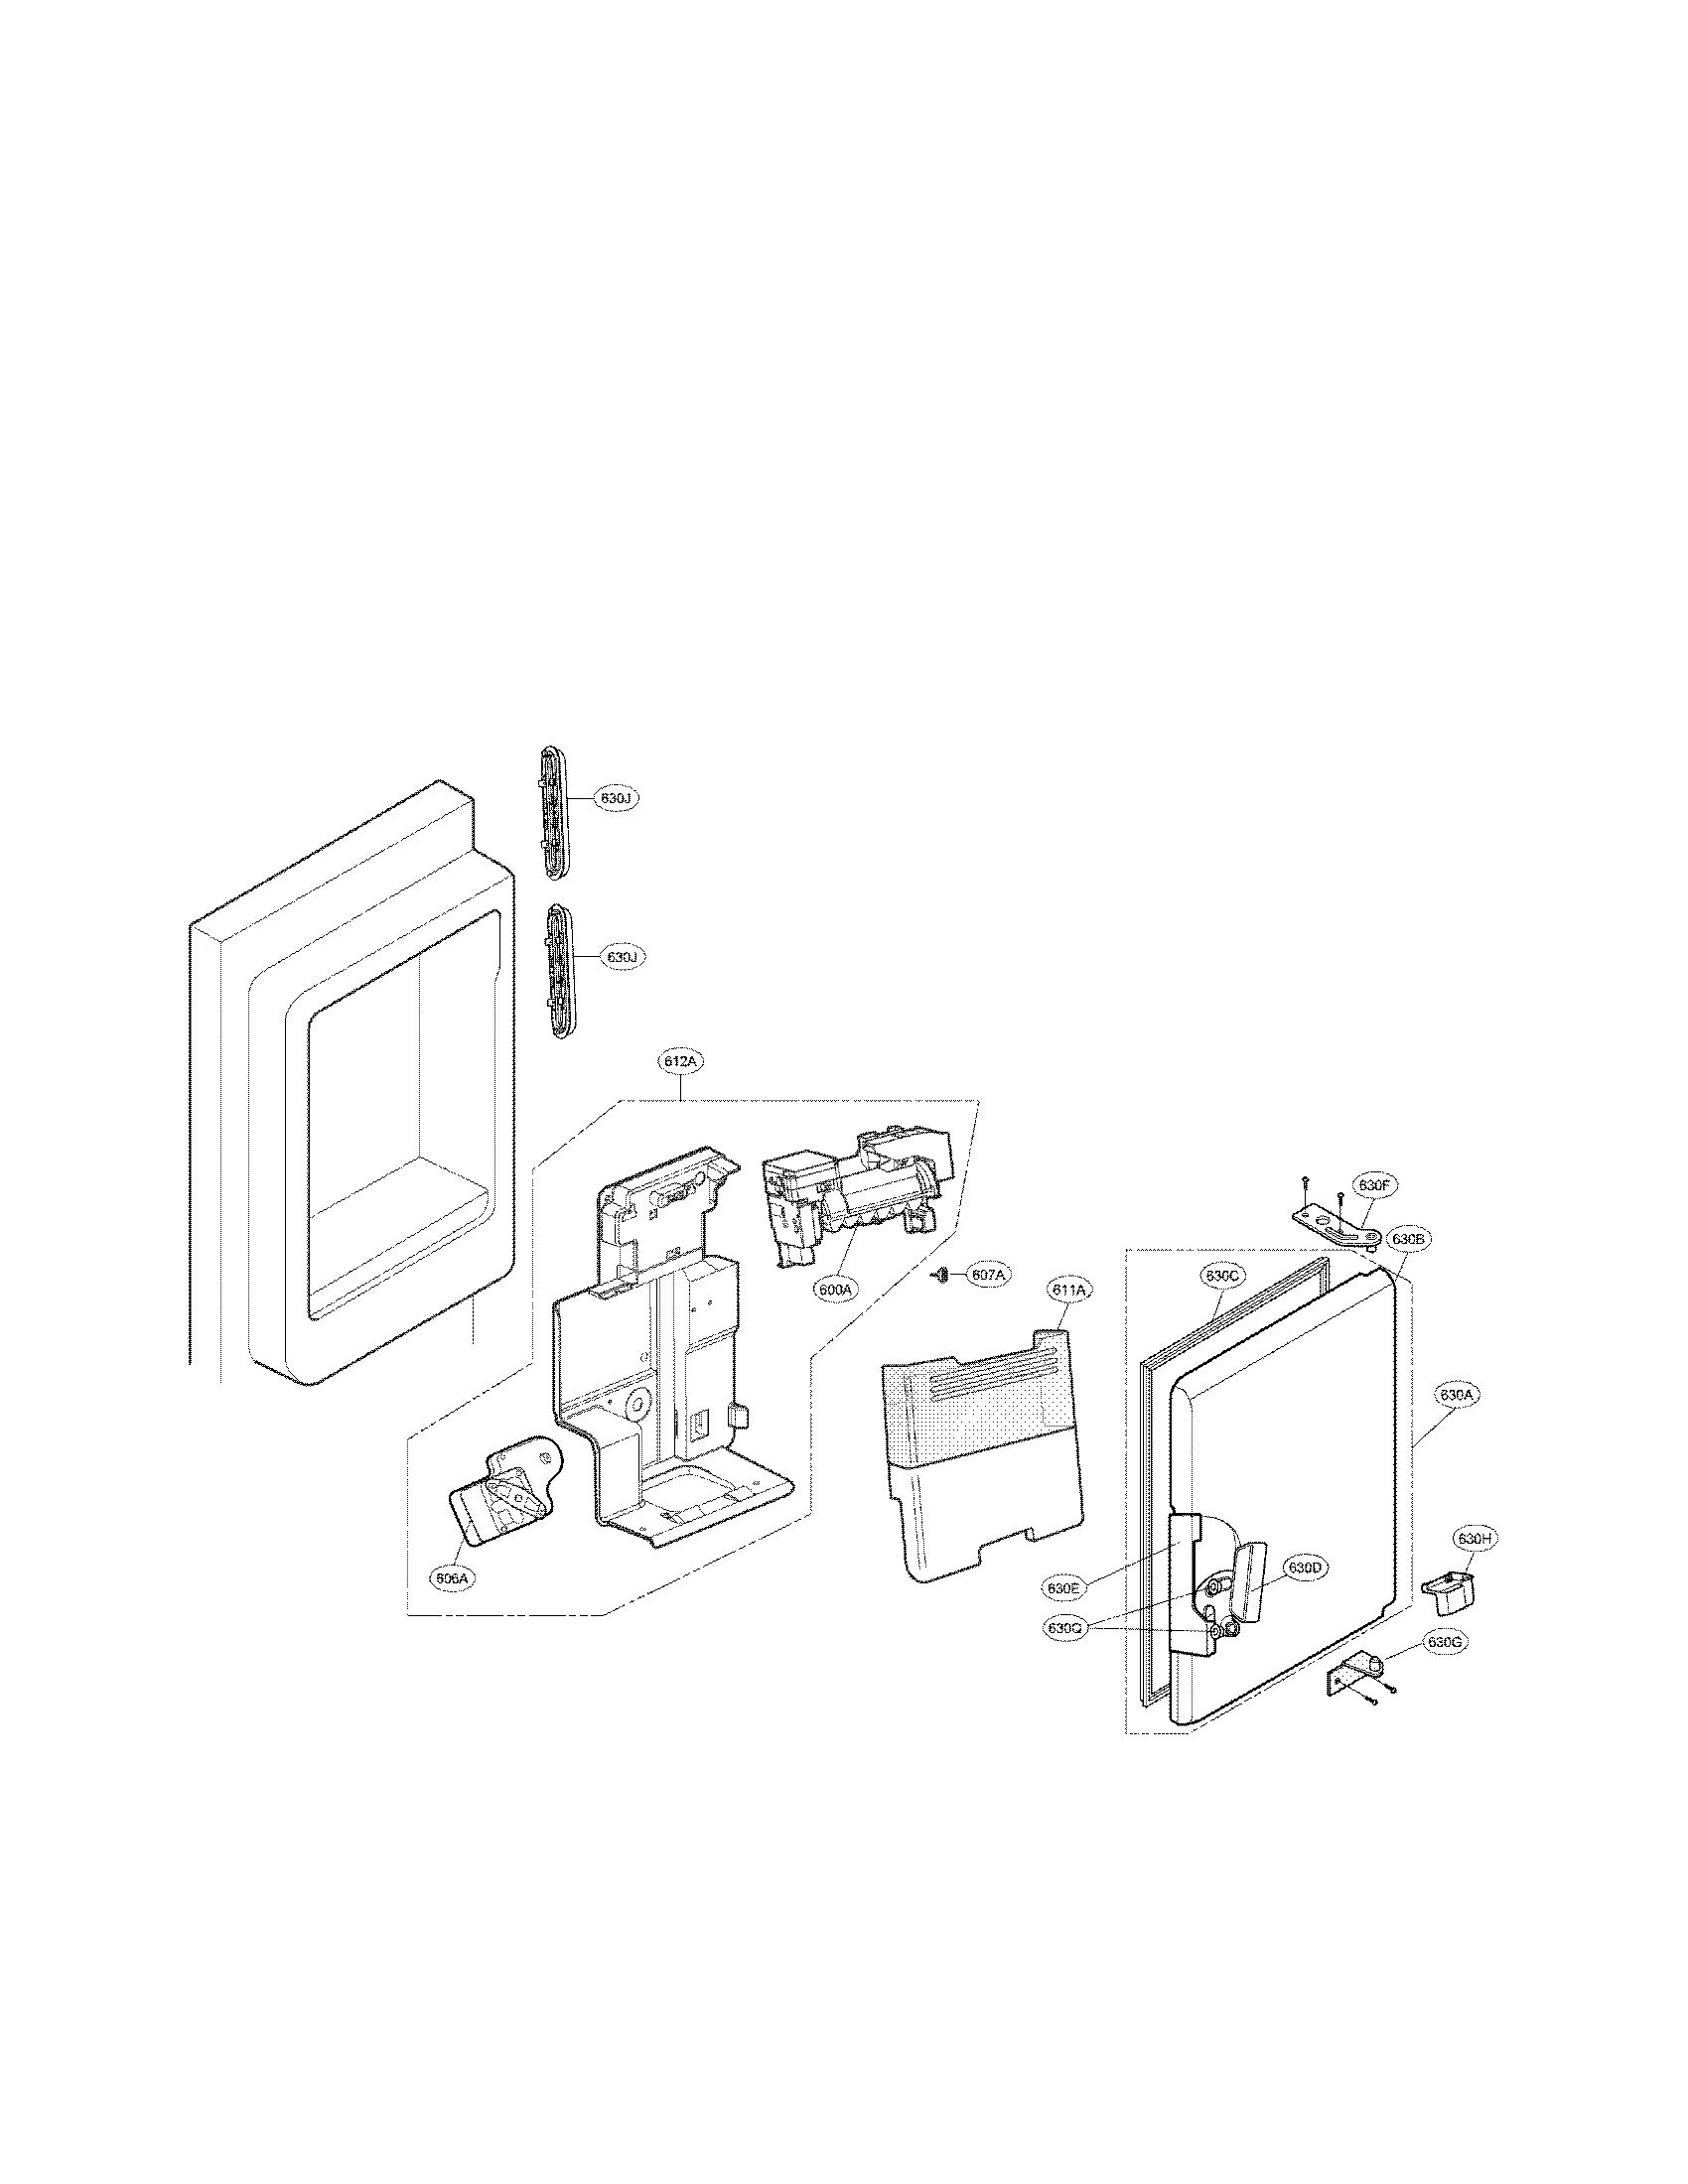 lg refrigerator diagrams